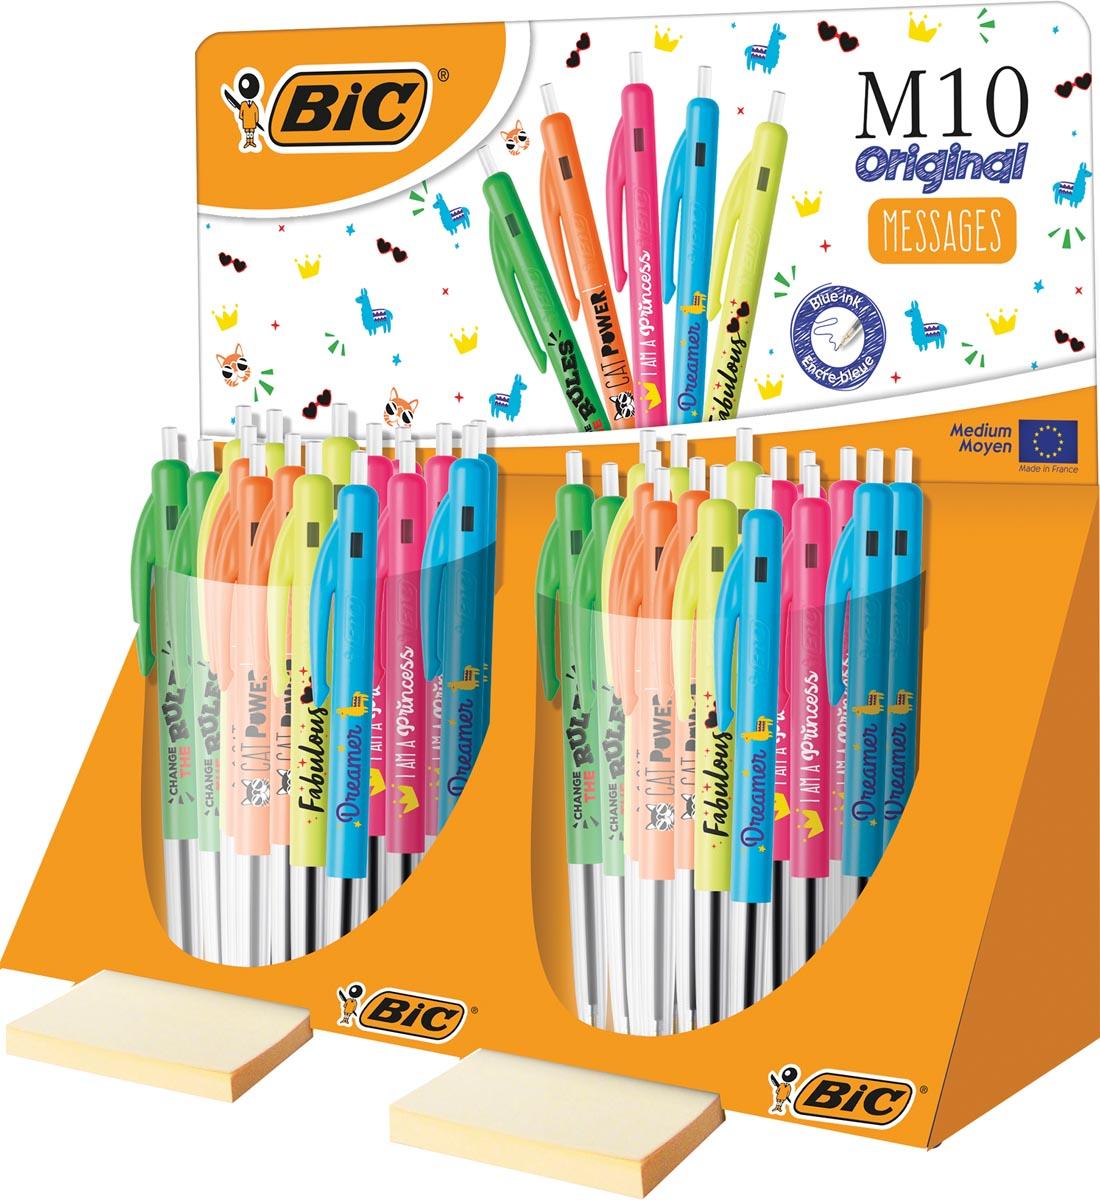 Bic balpen M10 Clic Message display van 80 stuks